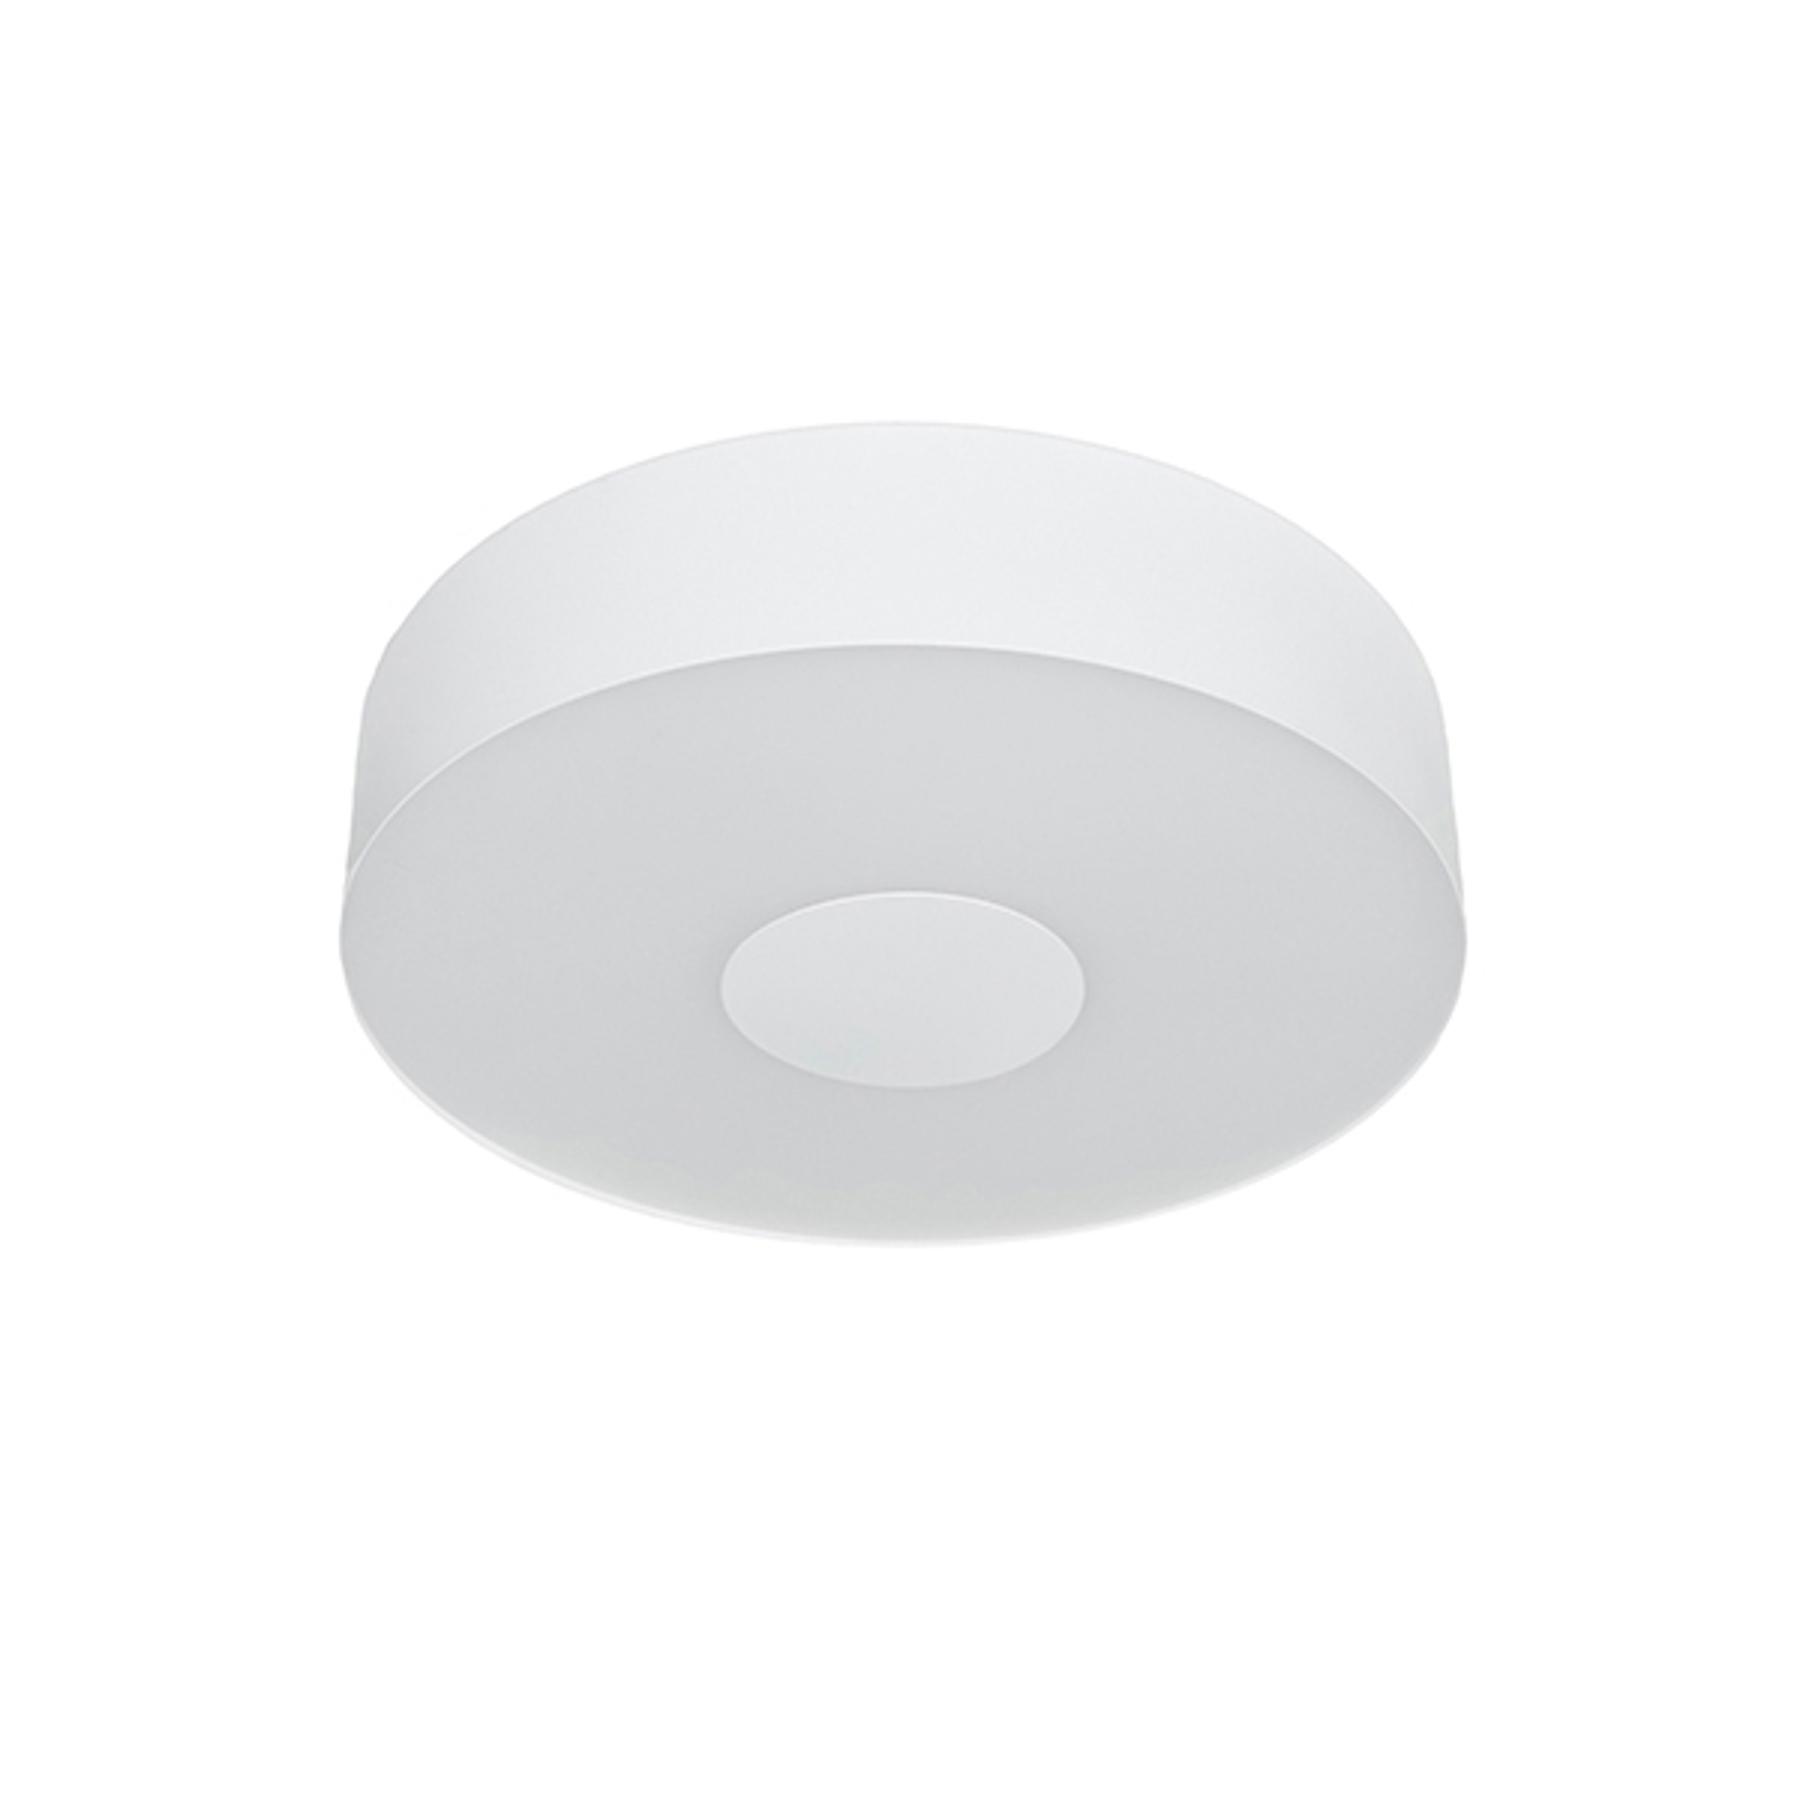 LED-Deckenleuchte Cleopatra Ø 30 cm weiß